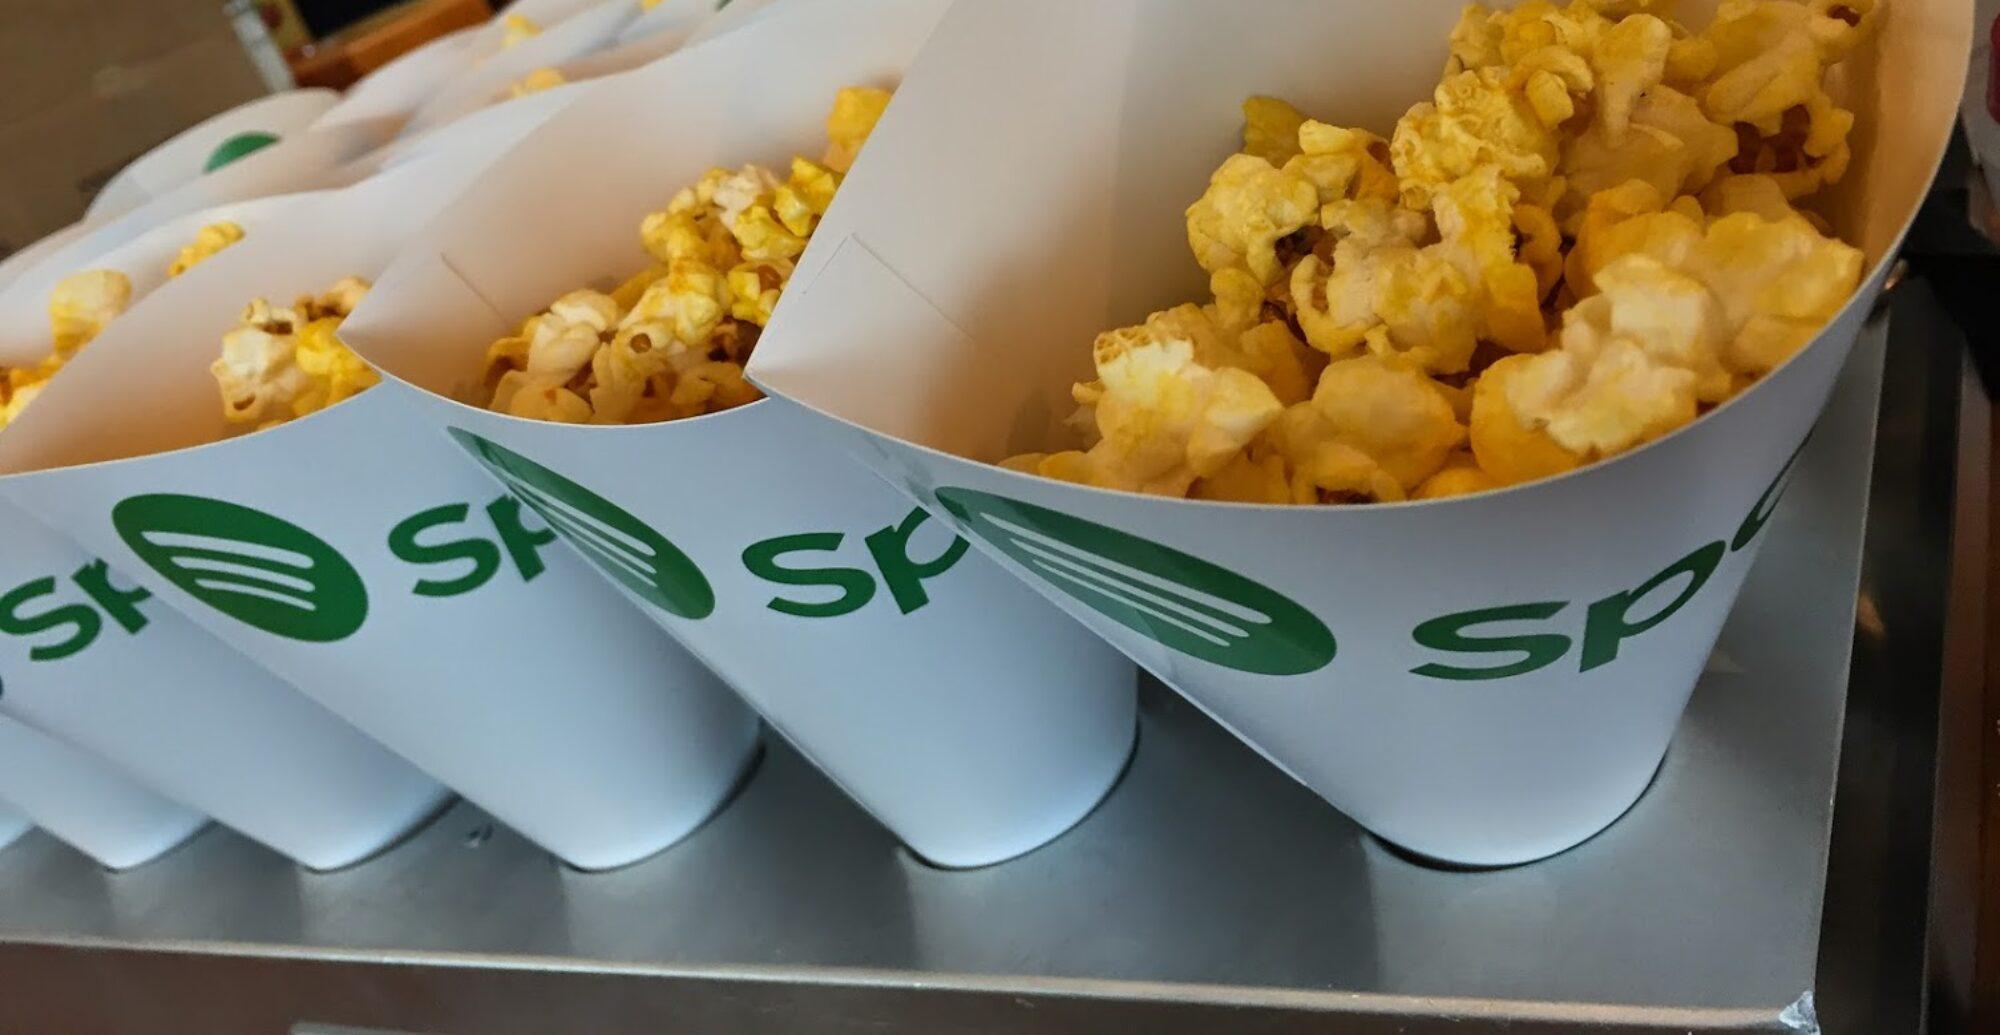 Hyra popcornmaskin i Stockholm av Bergamunken